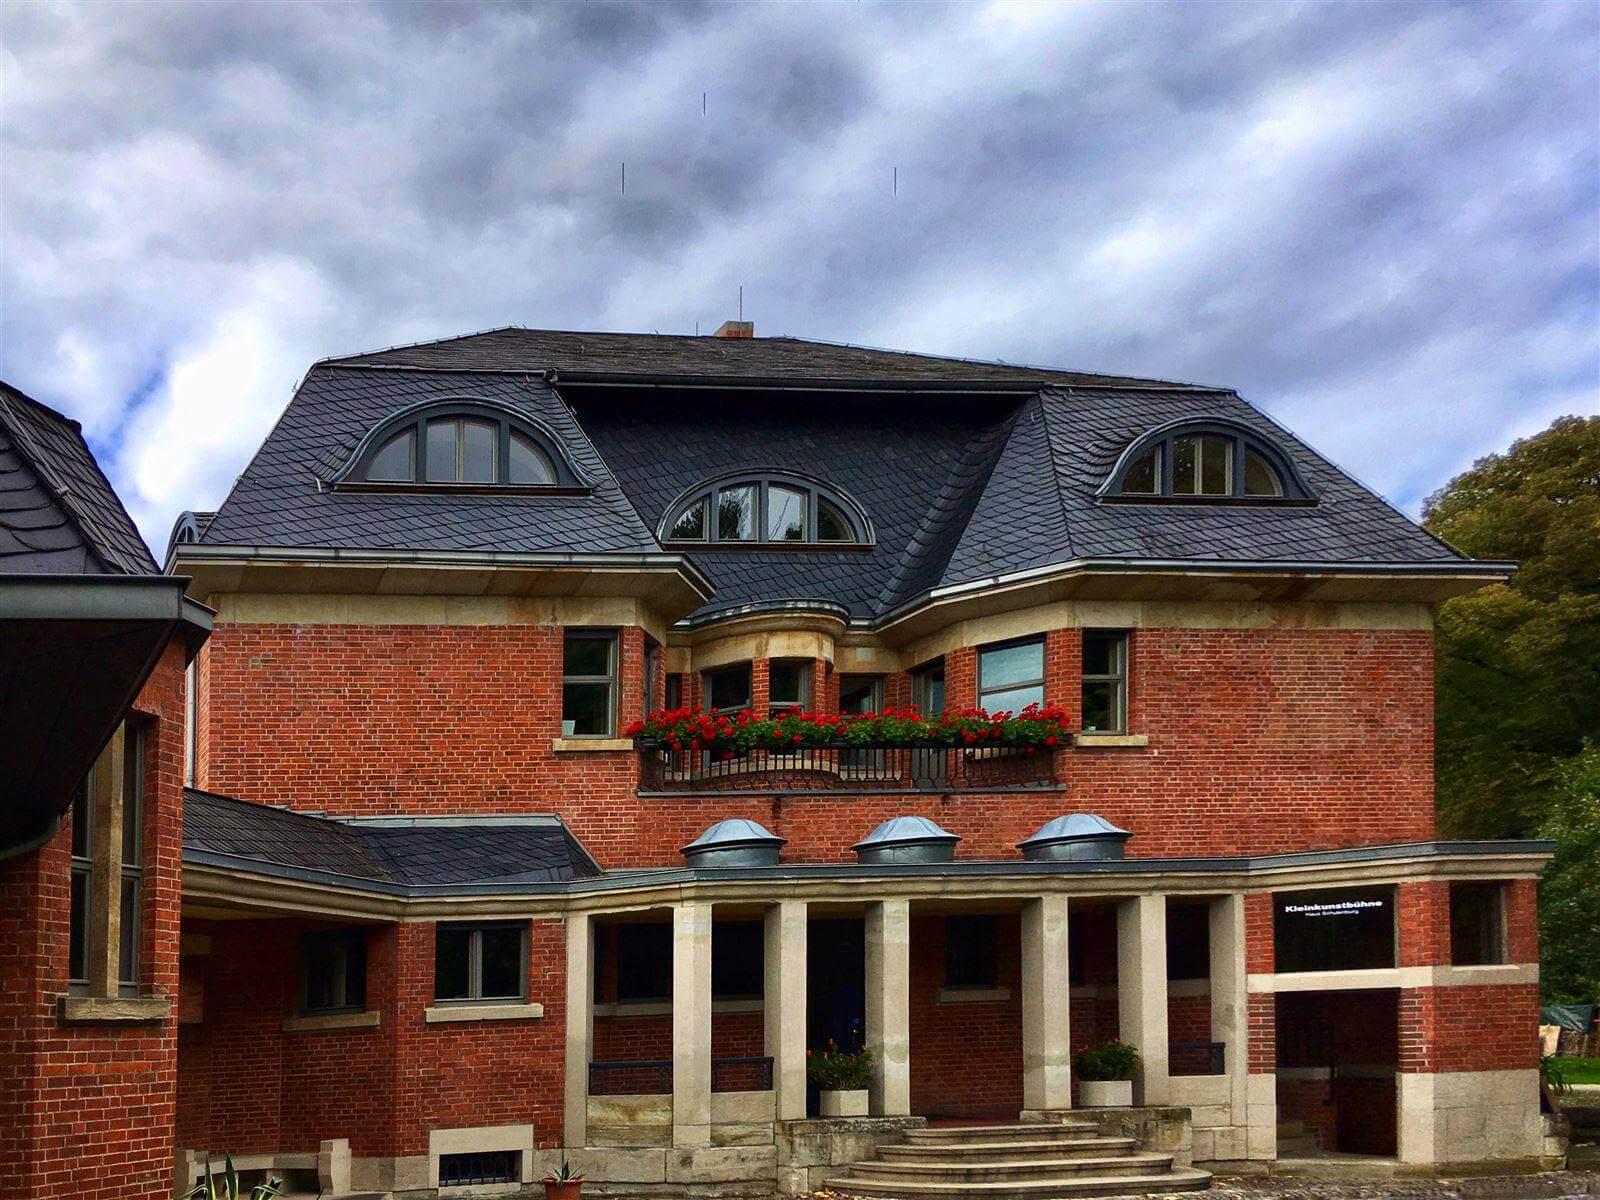 Haus Schulenburg von Ausflug - Haus Schulenburg Henry van de Velde in Gera